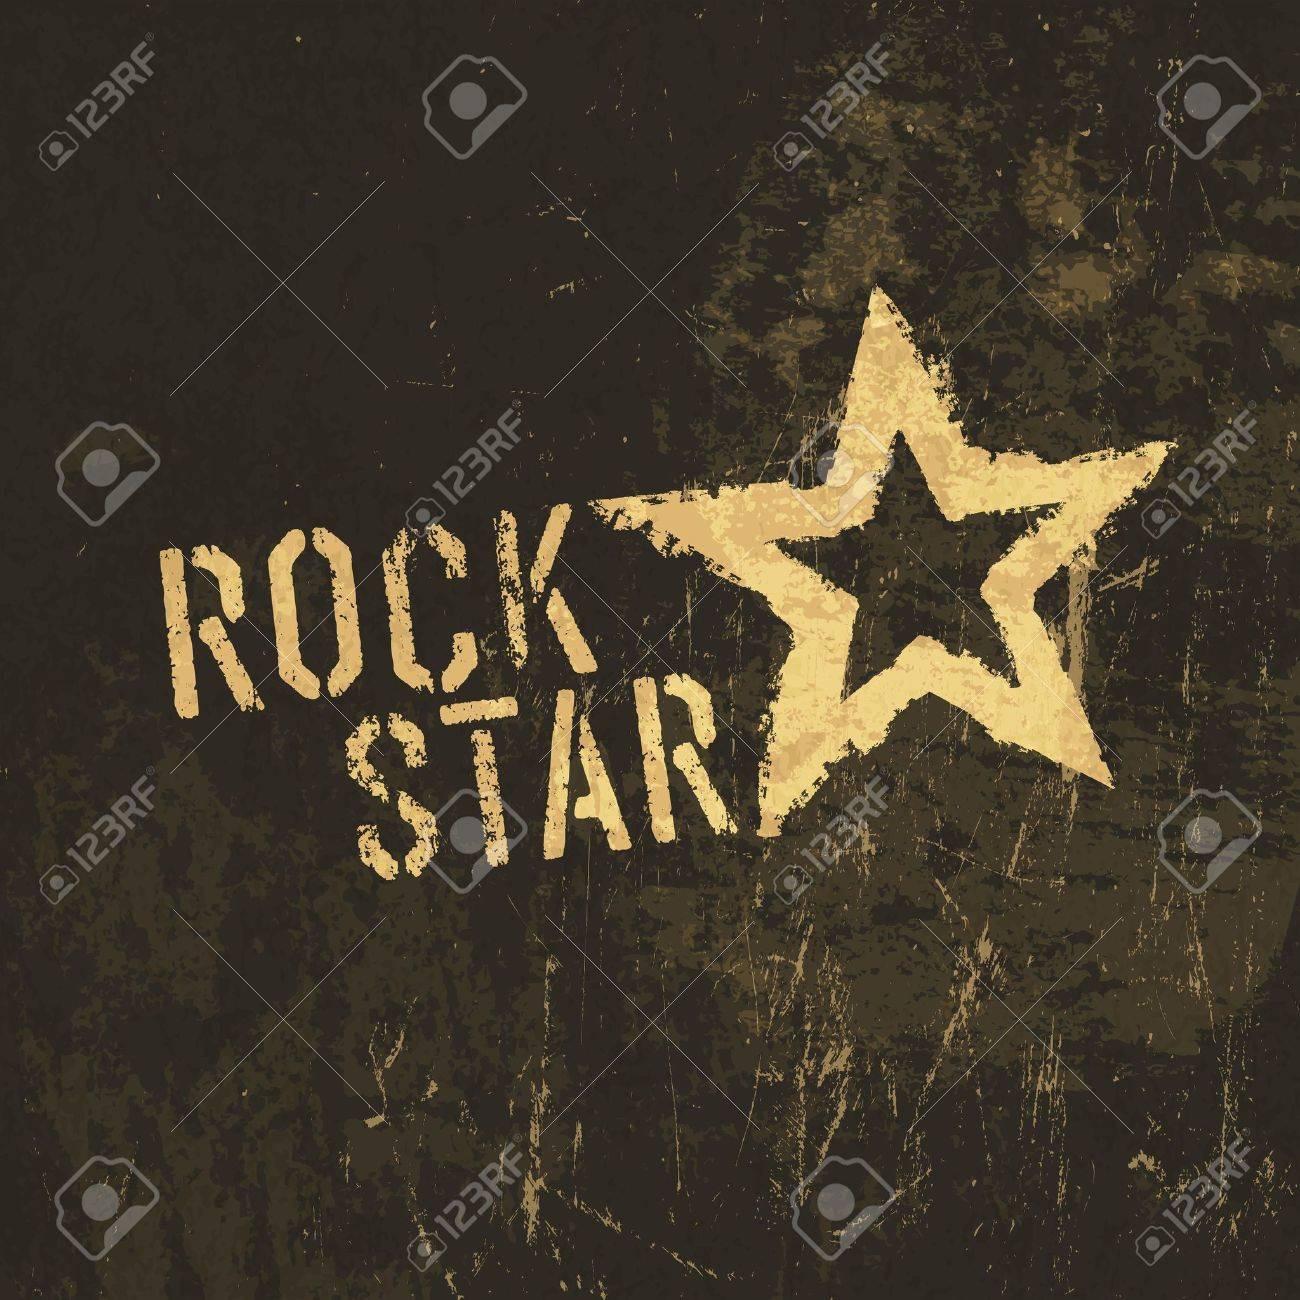 Rock star grunge icon. - 19187486